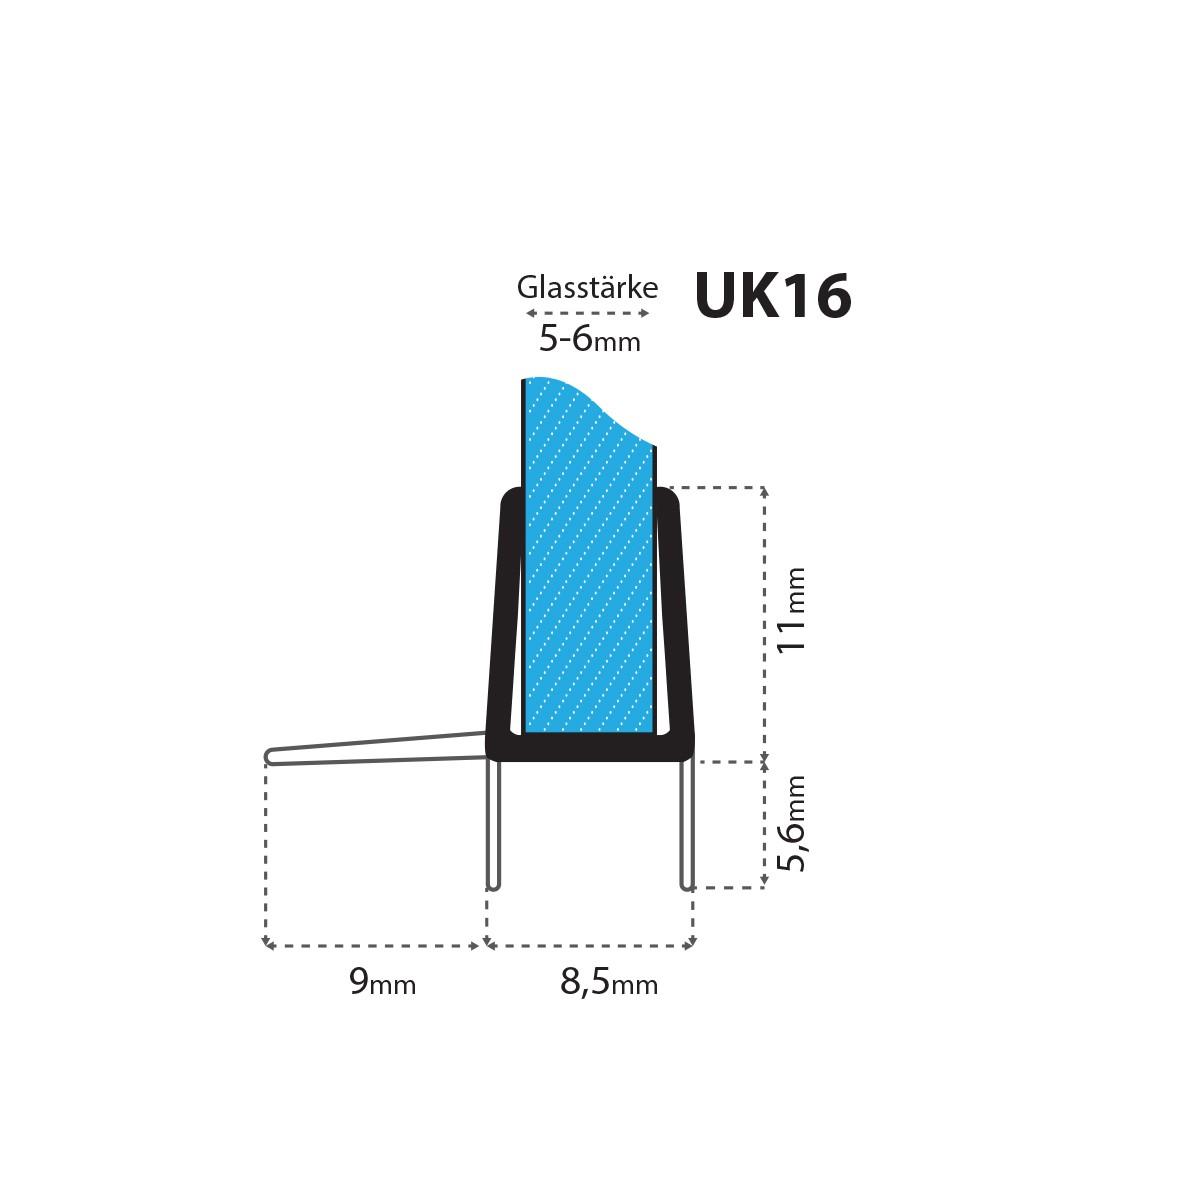 duschdichtung viertelkreis wasserabweiser dichtung dusche schwallschutz uk16 ebay. Black Bedroom Furniture Sets. Home Design Ideas